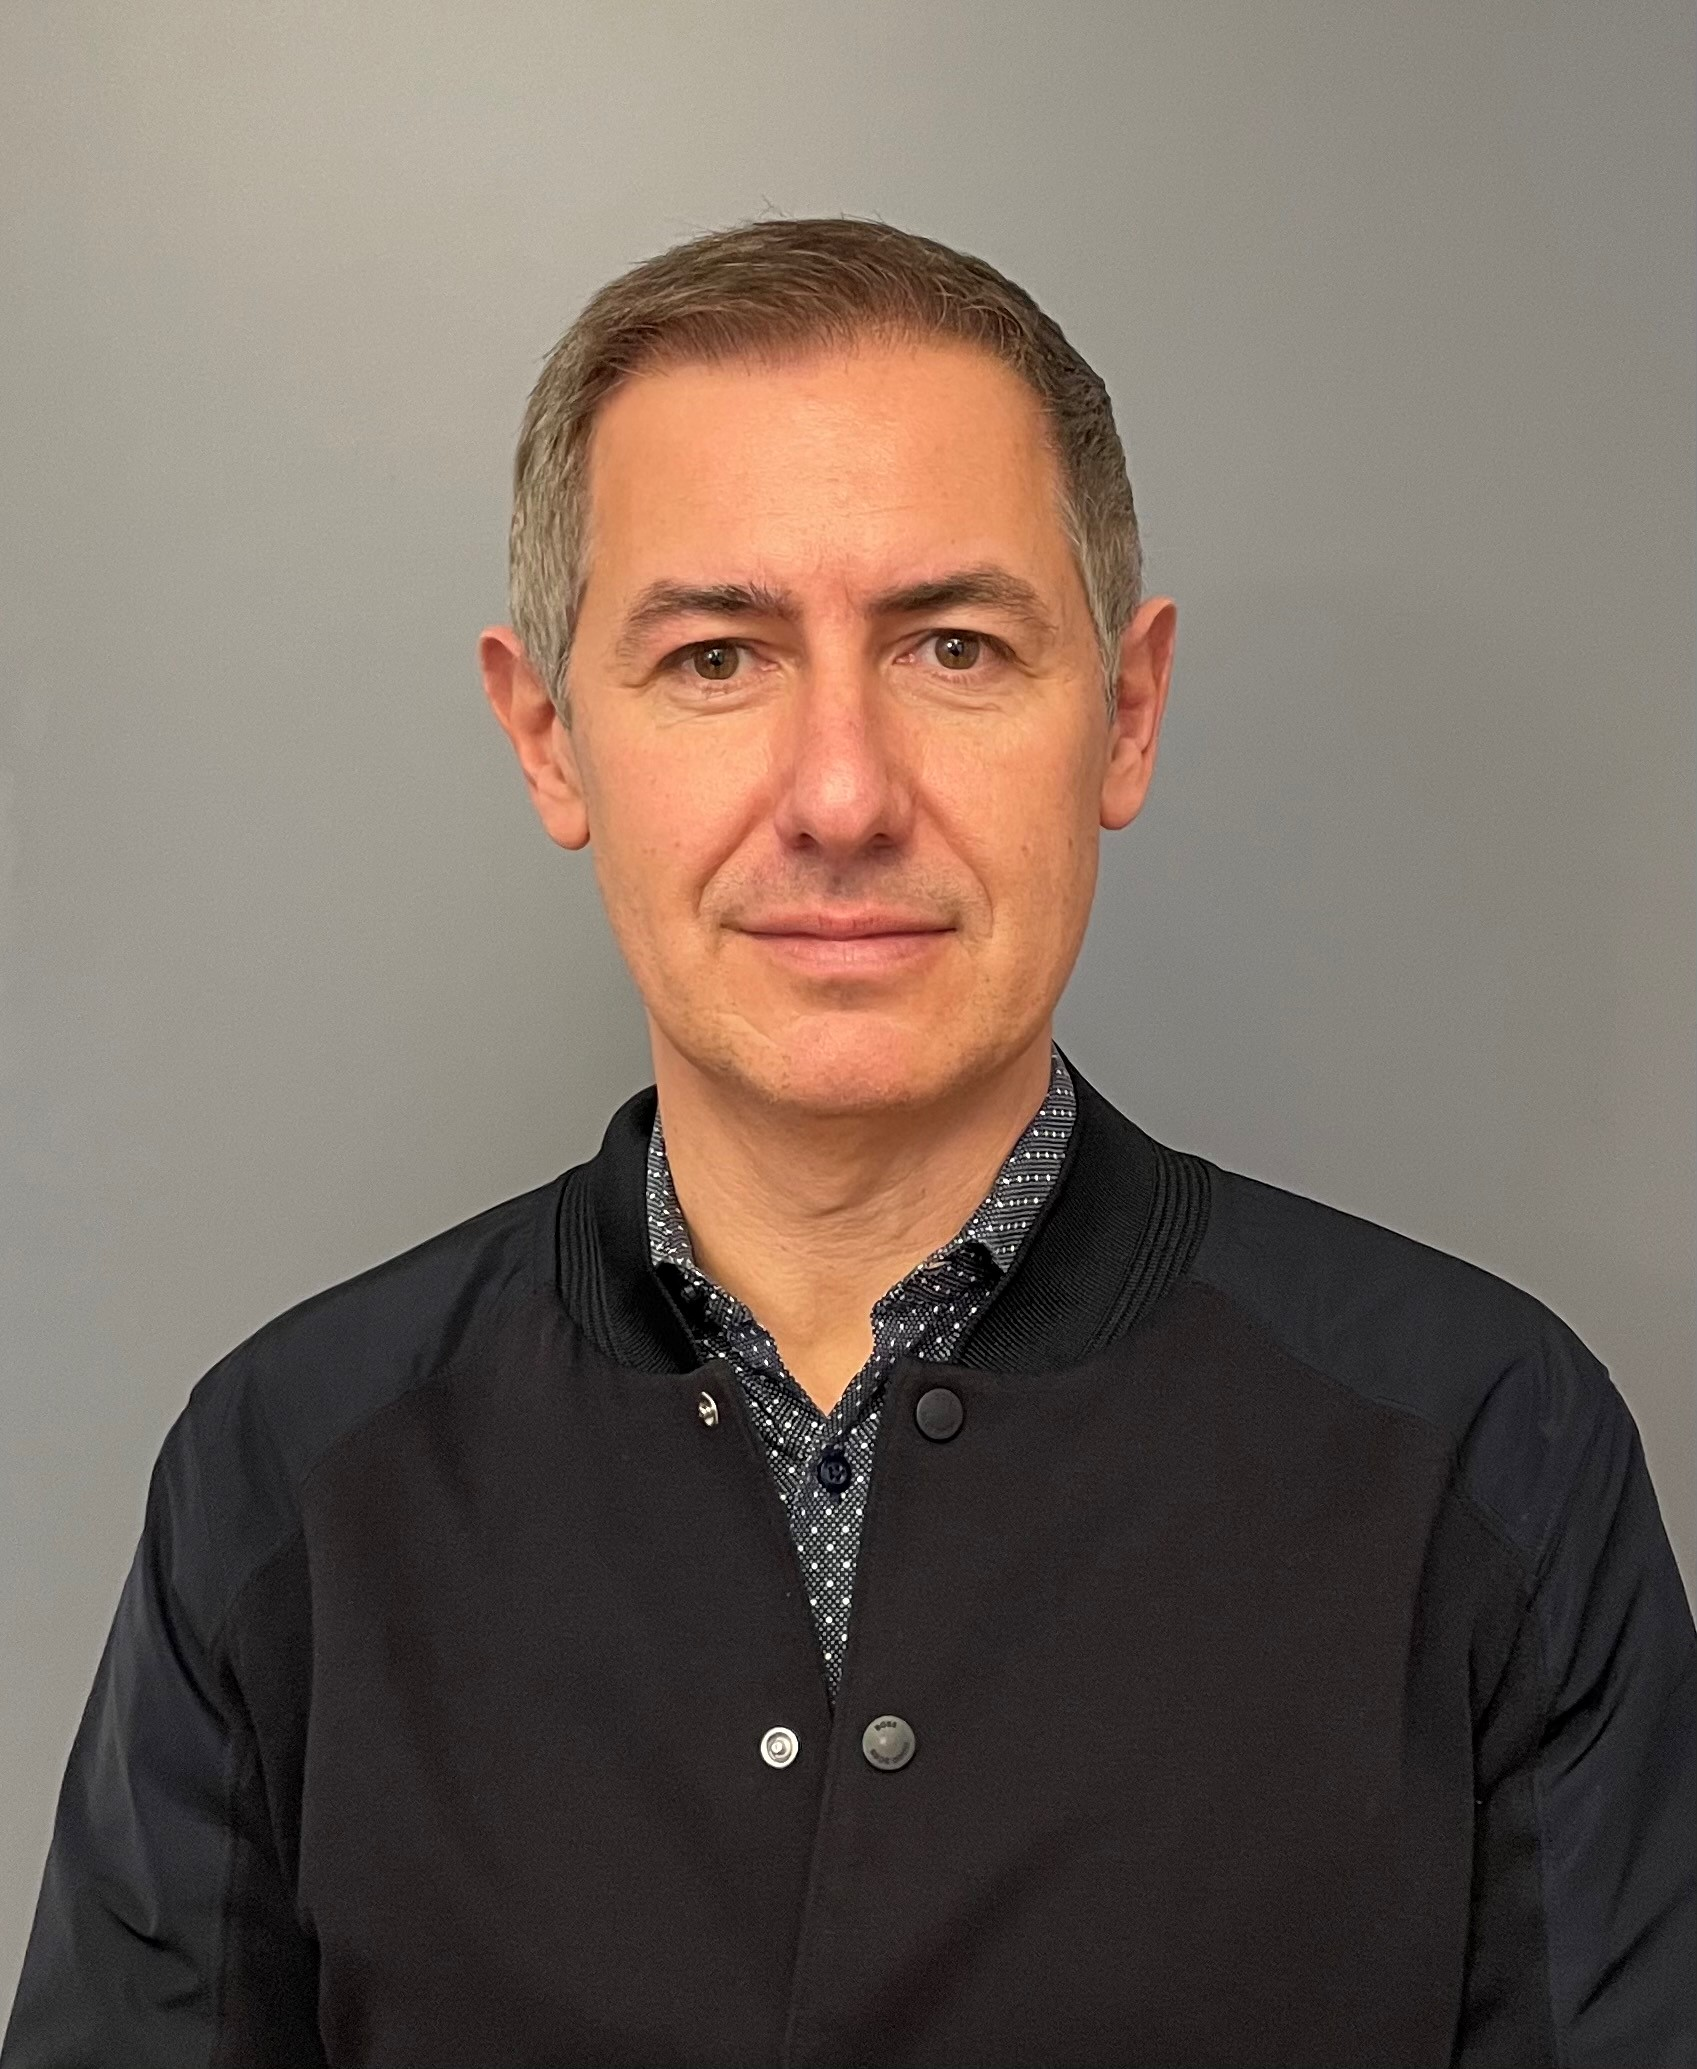 Martin Kühn